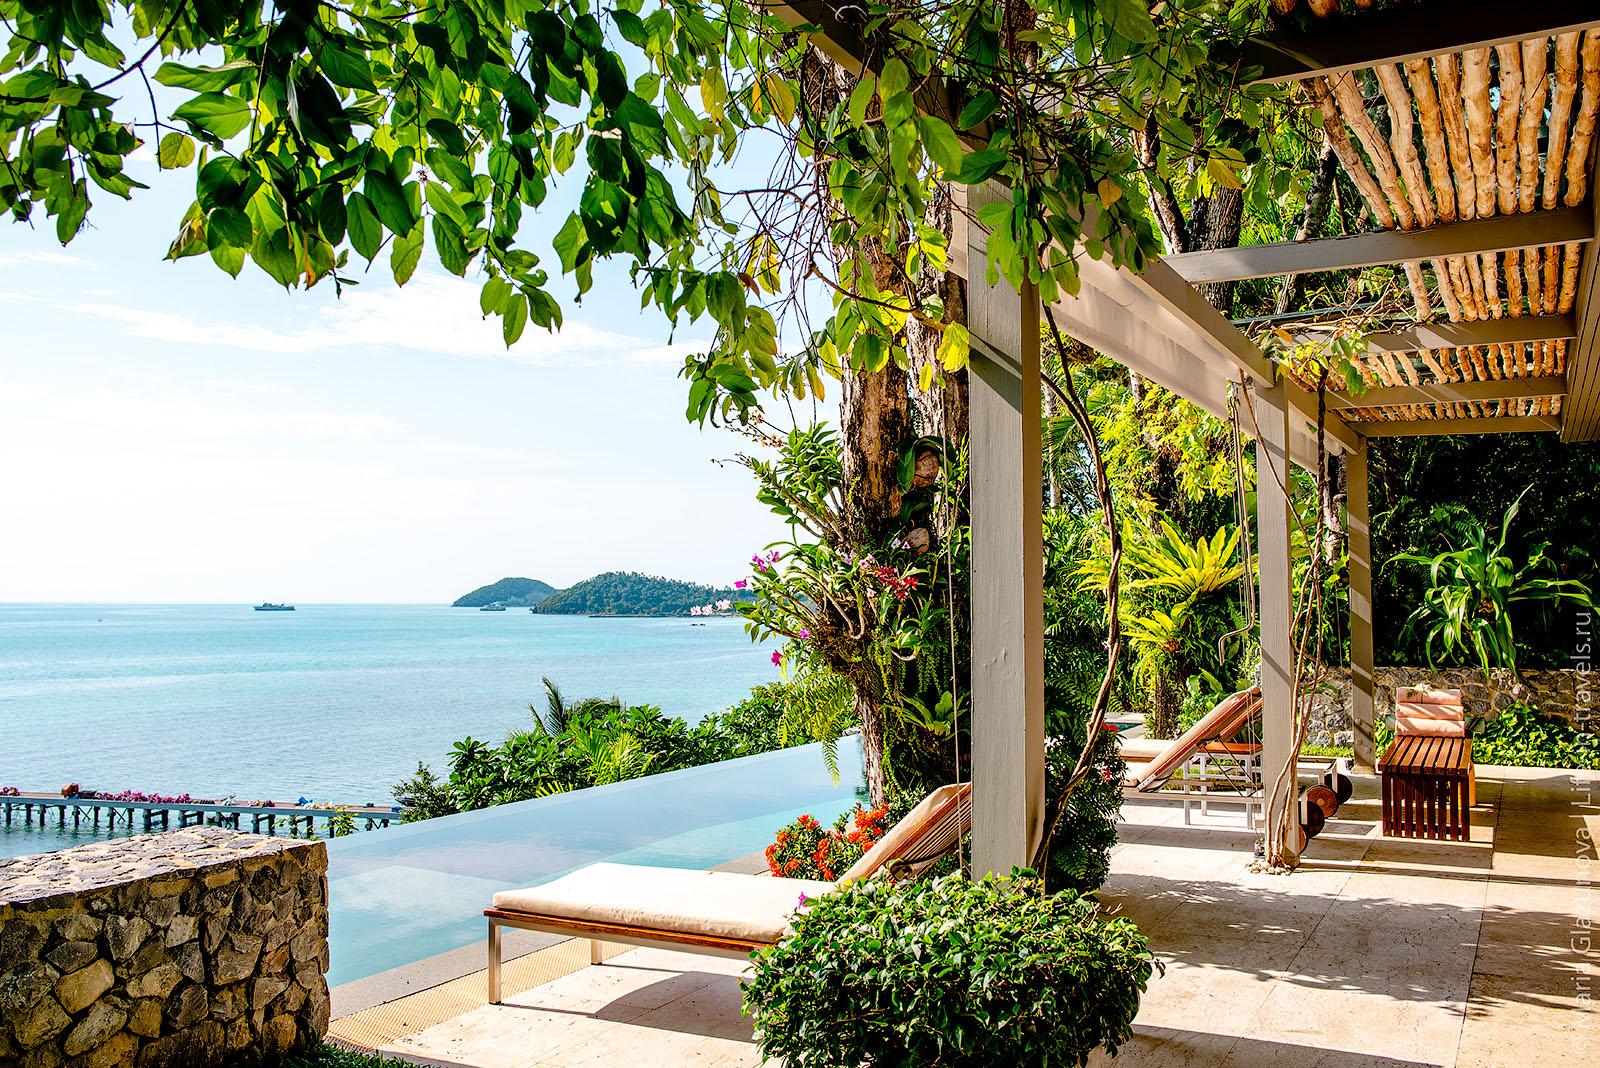 The Headland Villas – стильные виллы на скале с потрясающим видом, Самуи.jpg